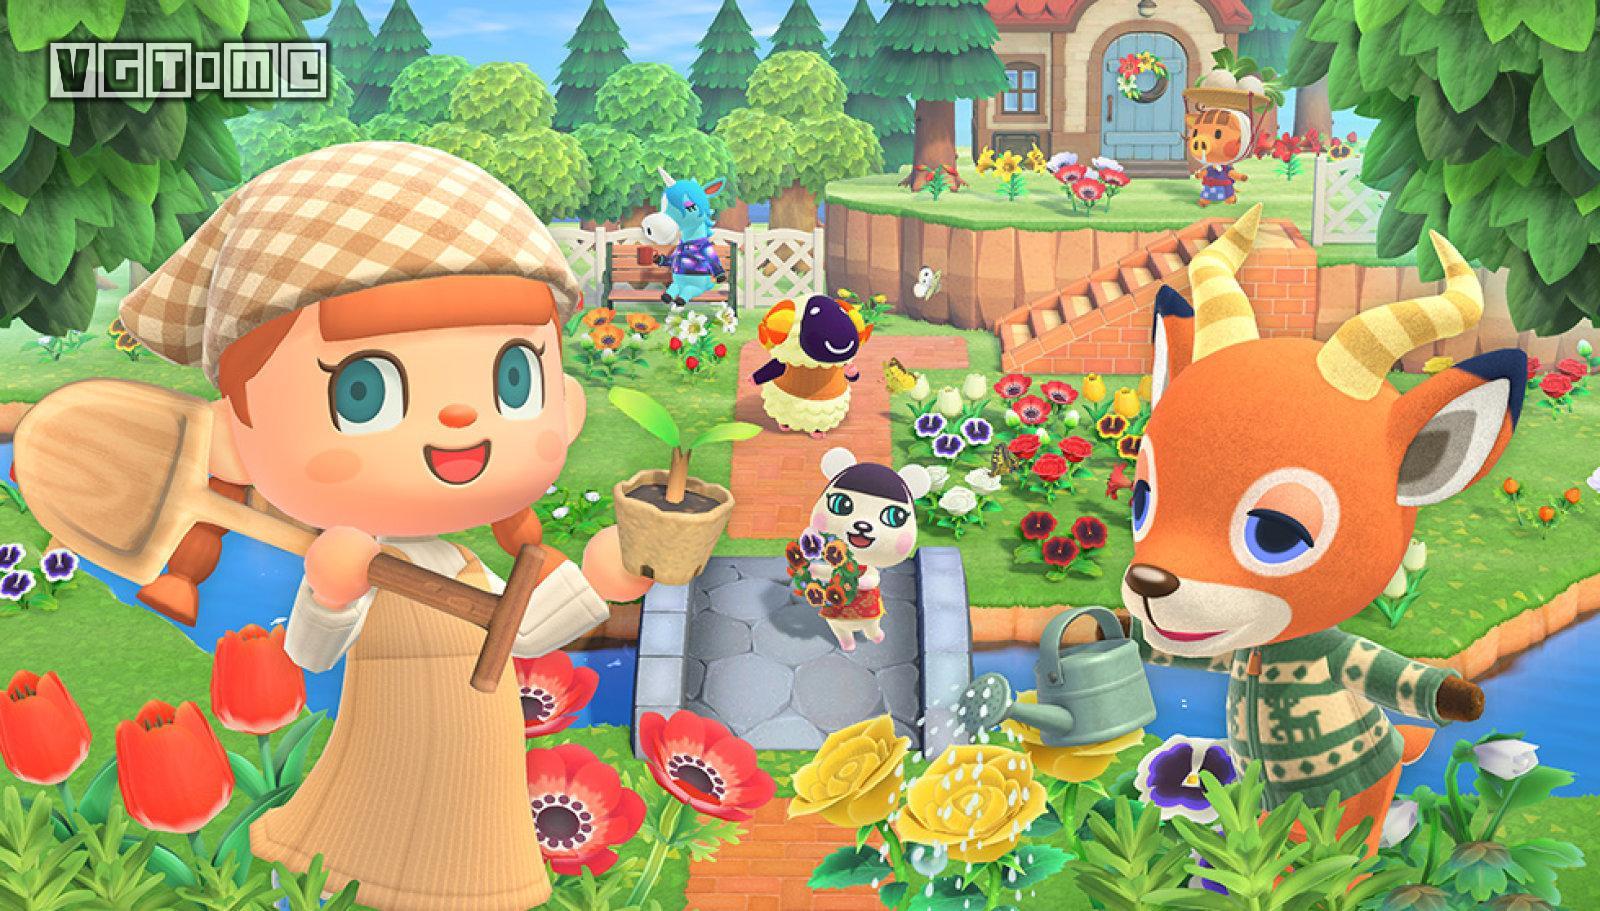 《集合啦!動物森友會》是2020年來亞馬遜上最暢銷的實體游戲